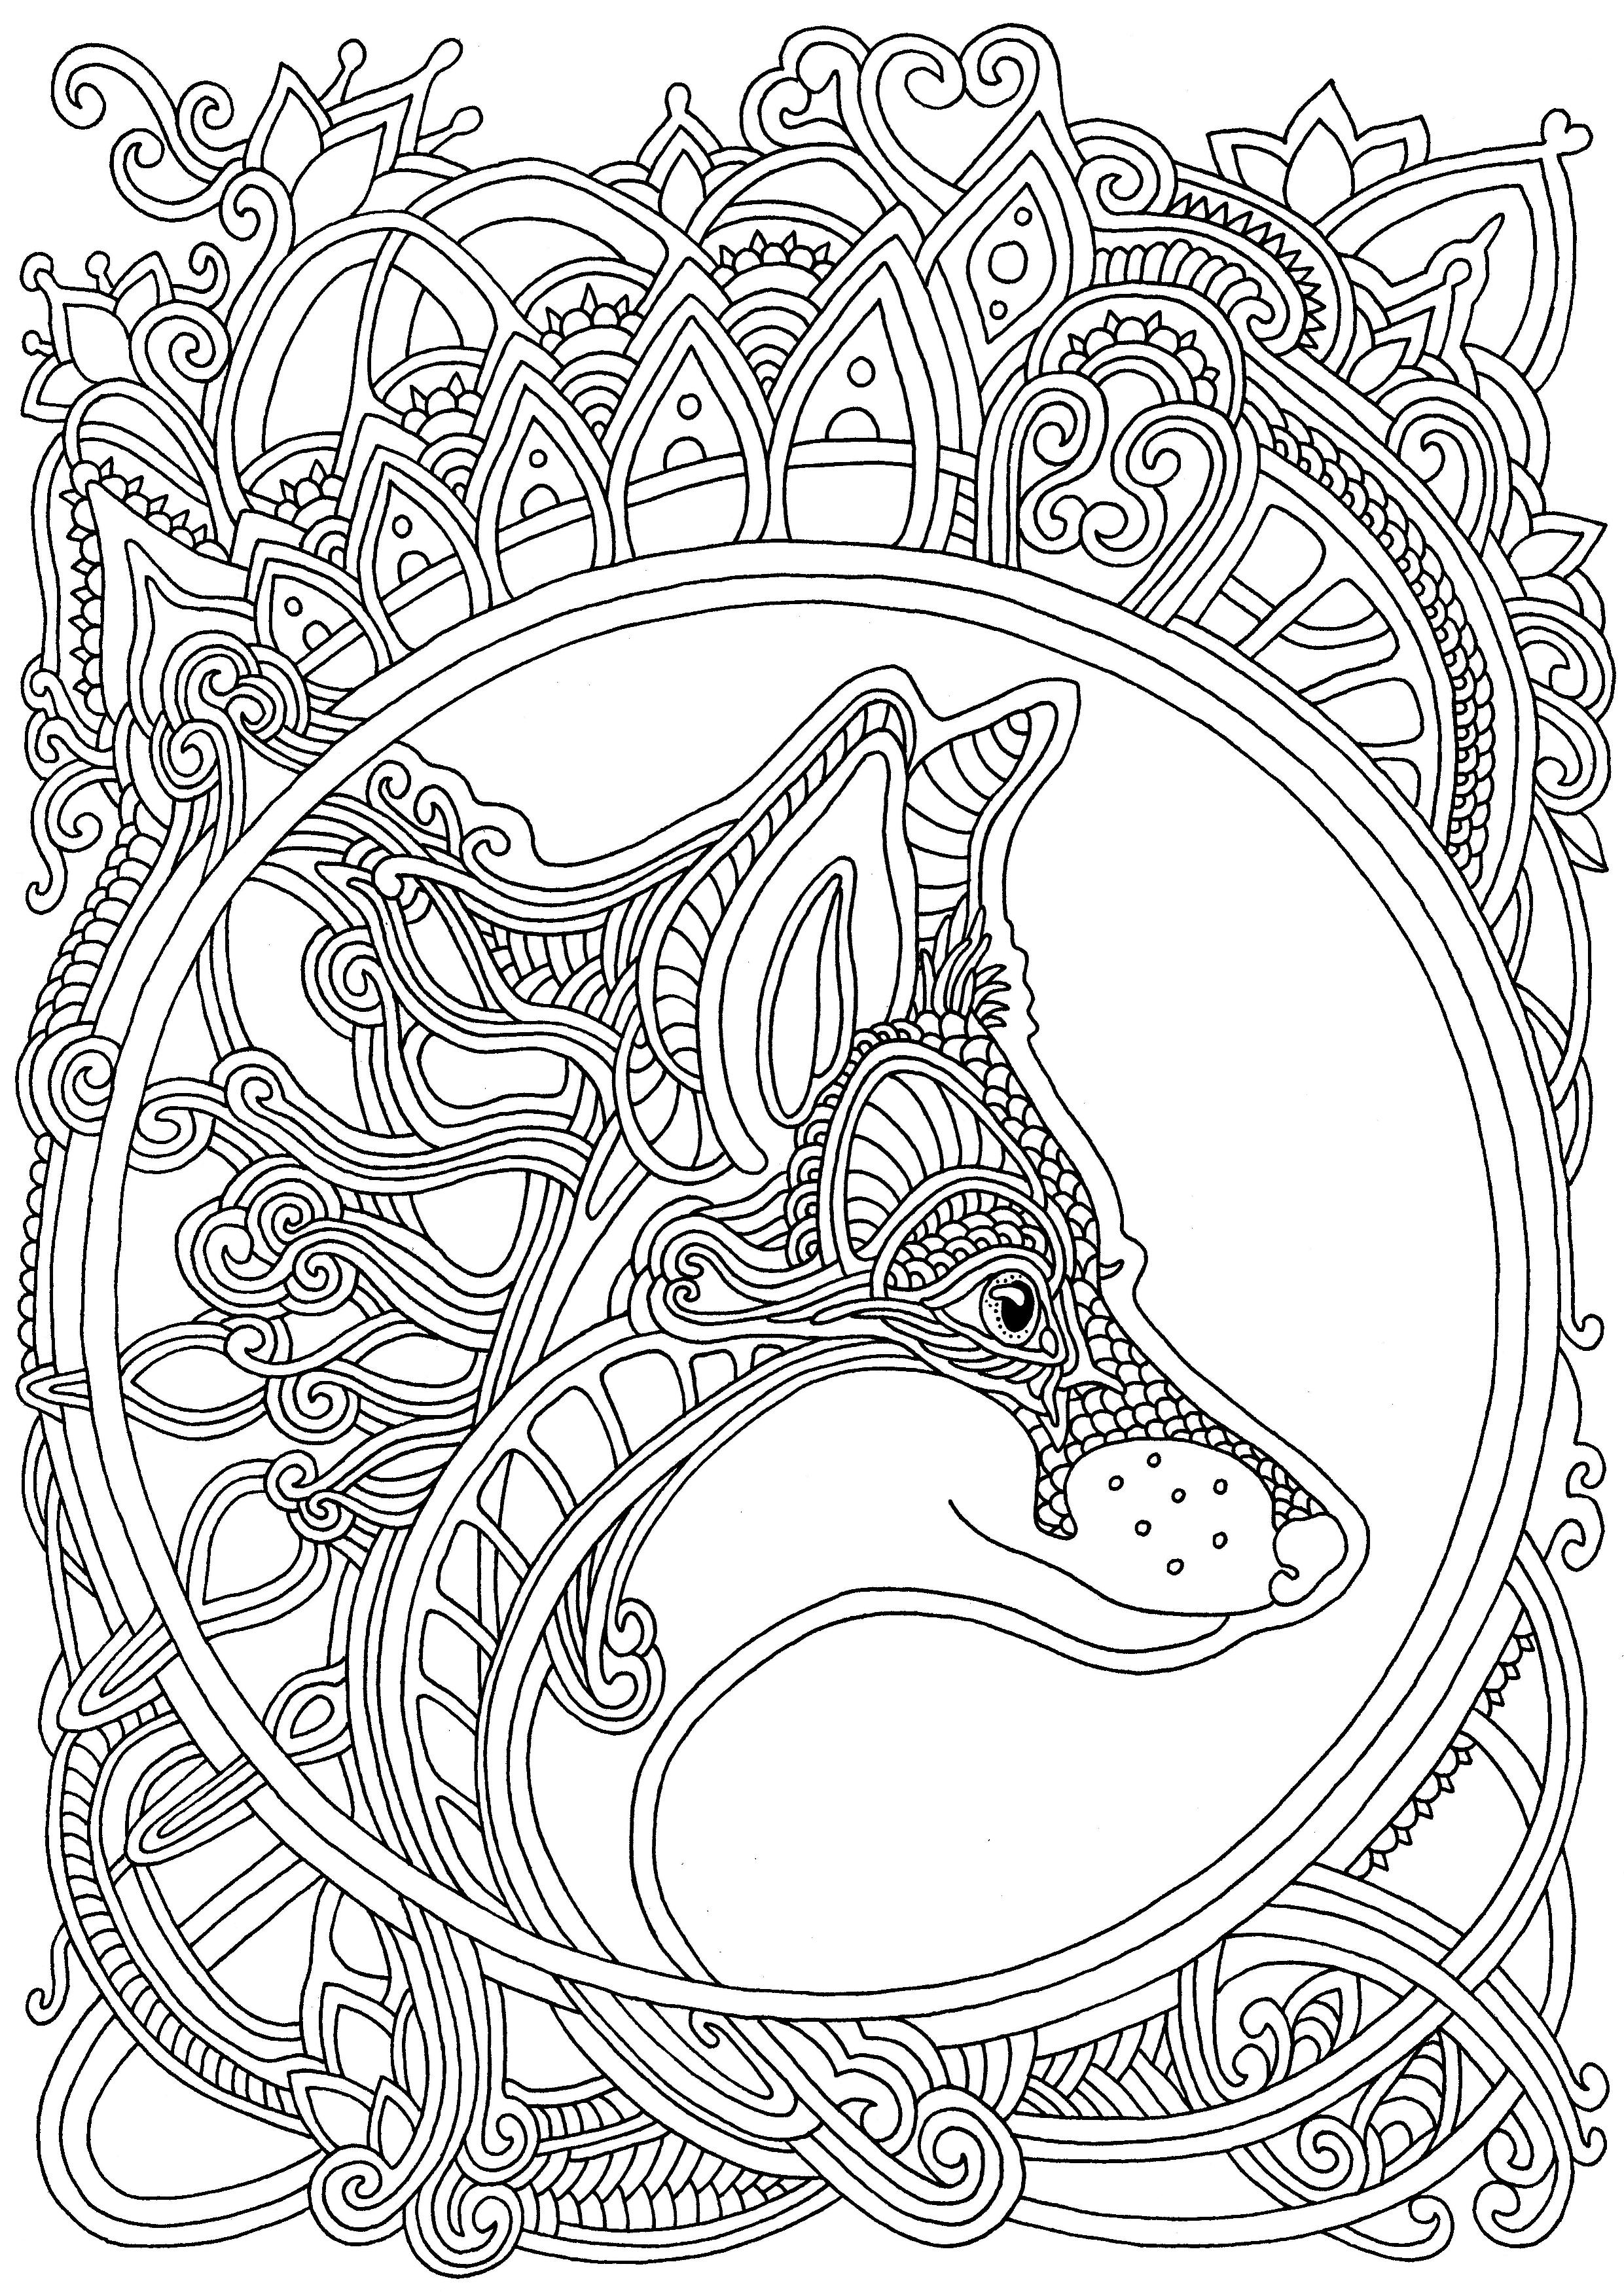 Узоры и цветы креативная книга раскраска скачать